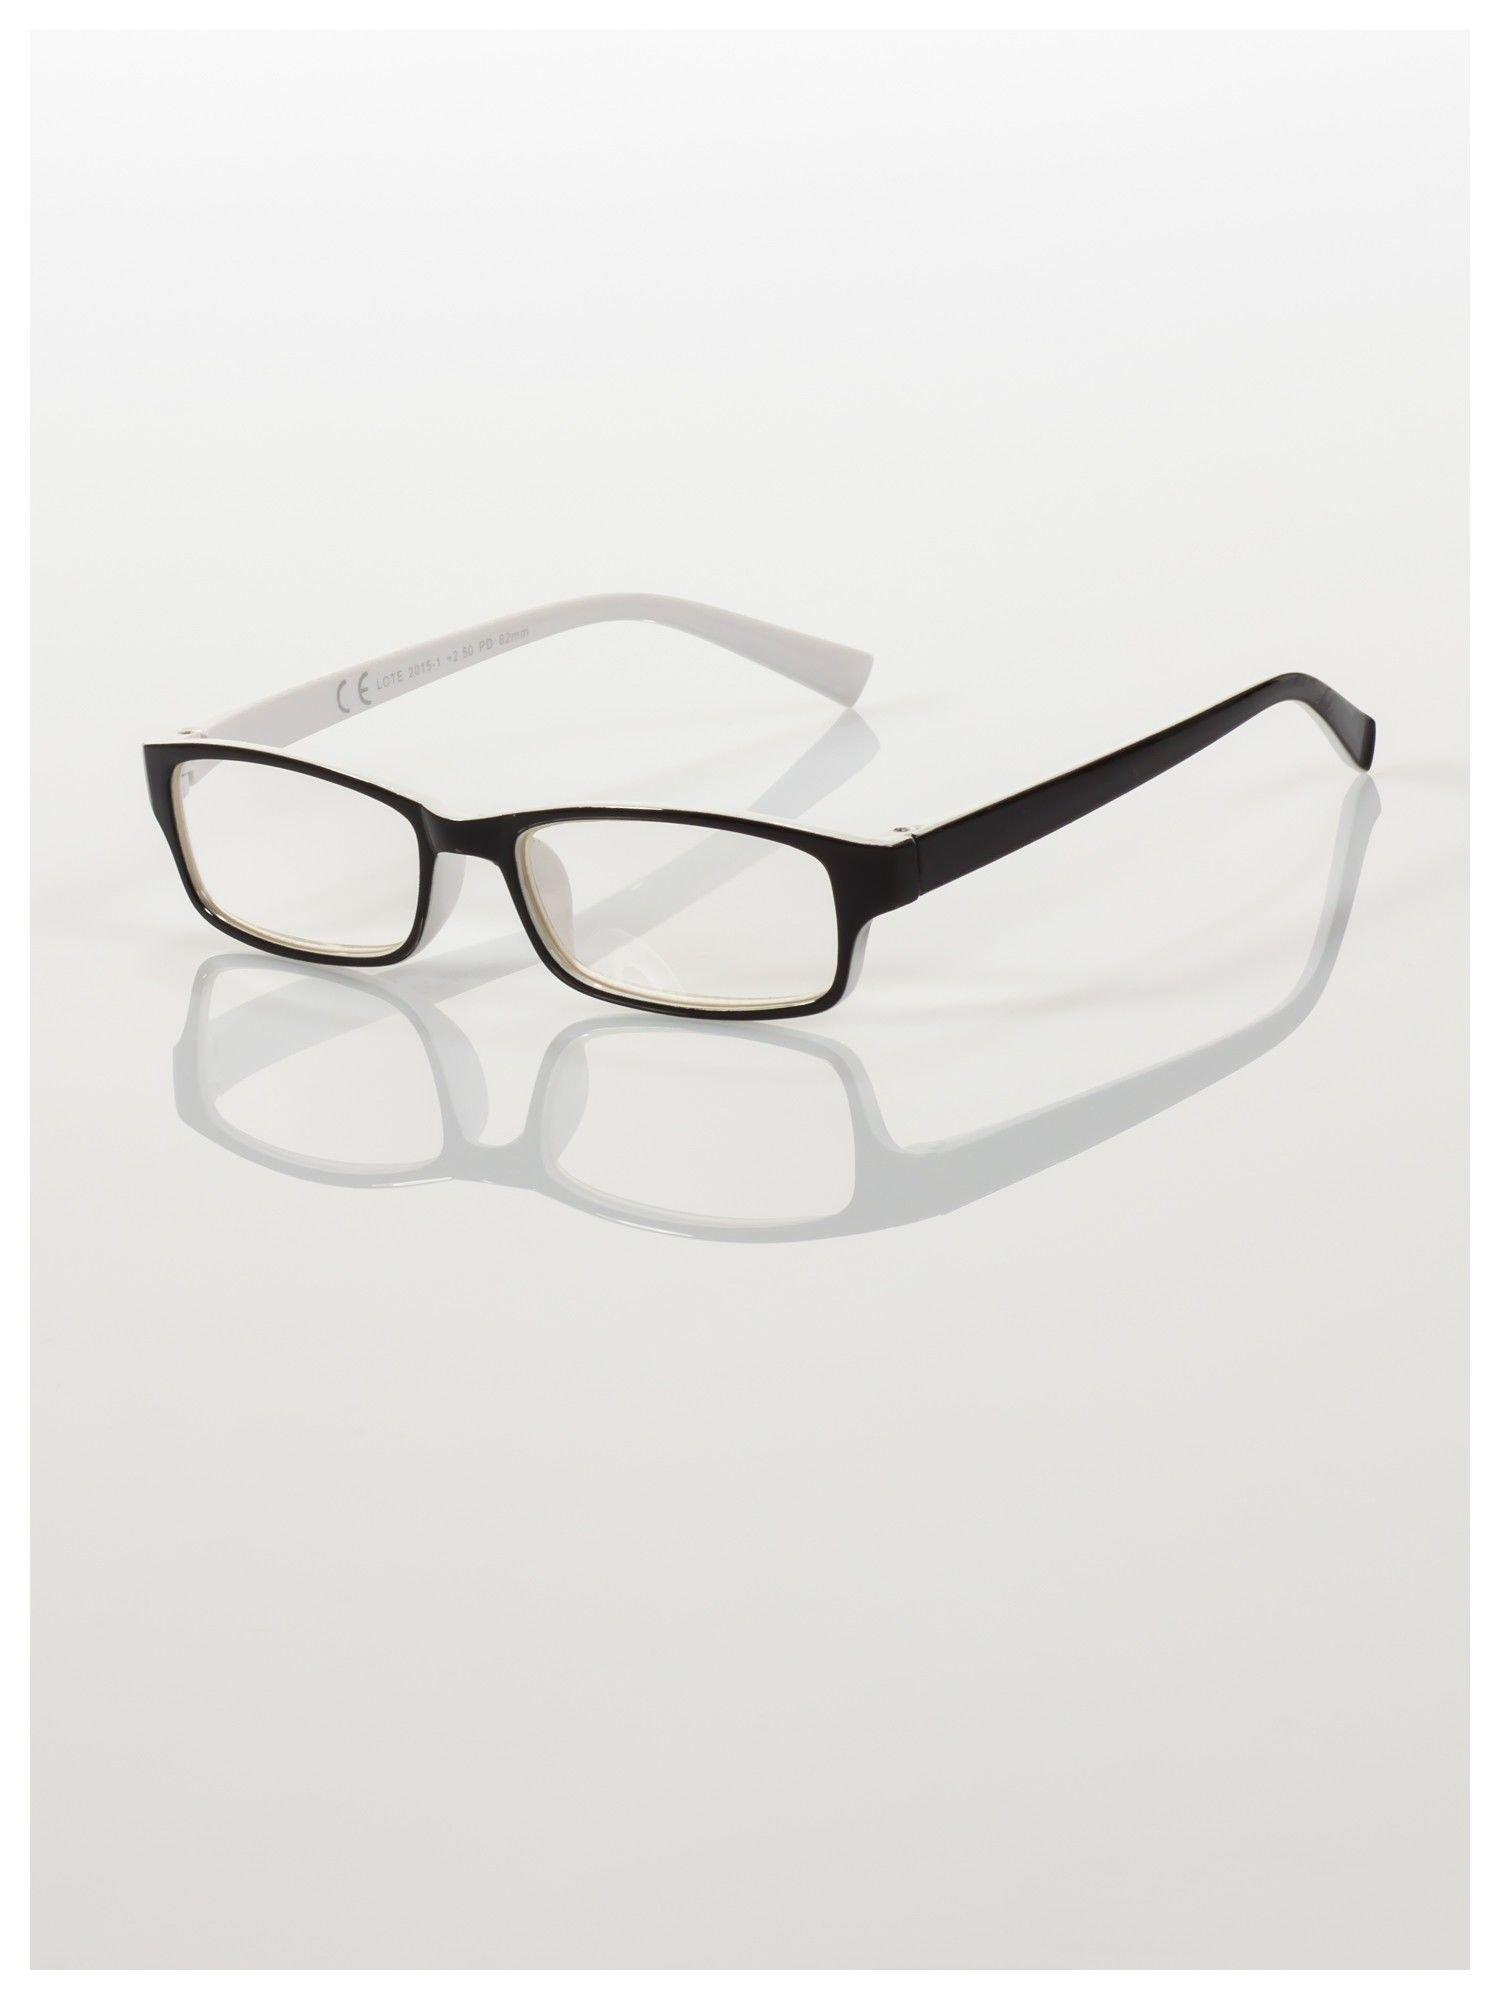 Okulary korekcyjne dwukolorowe do czytania +1.0 D                                    zdj.                                  1